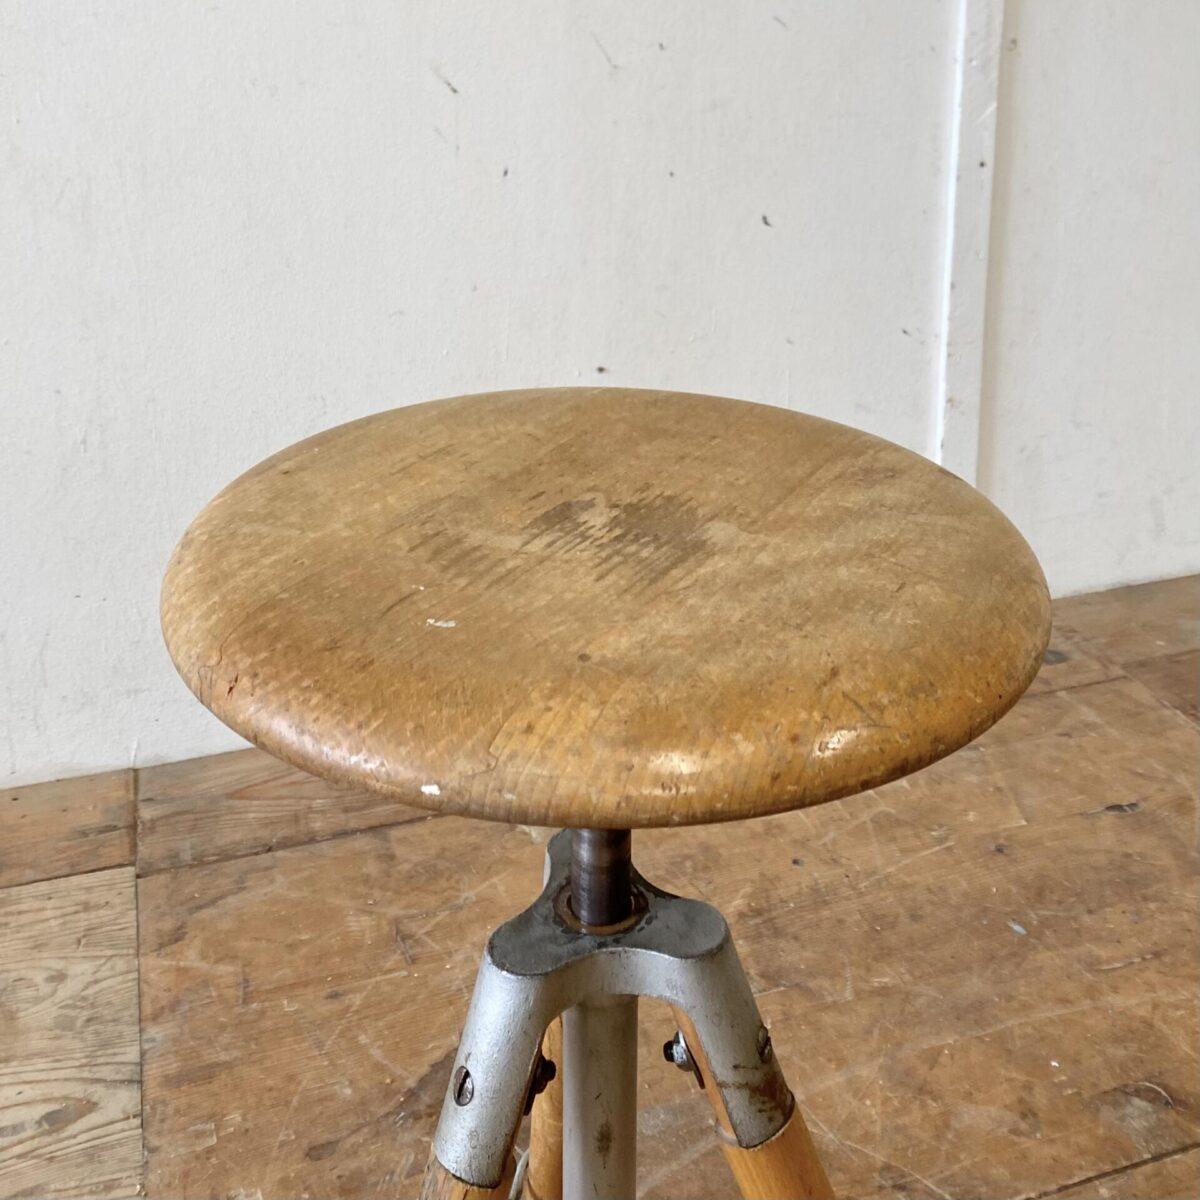 Deuxieme.shop Schweizer Werkstatt Hocker von Girsberger aus den 60er Jahren. Durchmesser 35cm Höhe 47-64cm. Der Stuhl ist in stabilem Zustand, die Mechanik funktioniert einwandfrei, diverse Schrammen und Alterspatina.